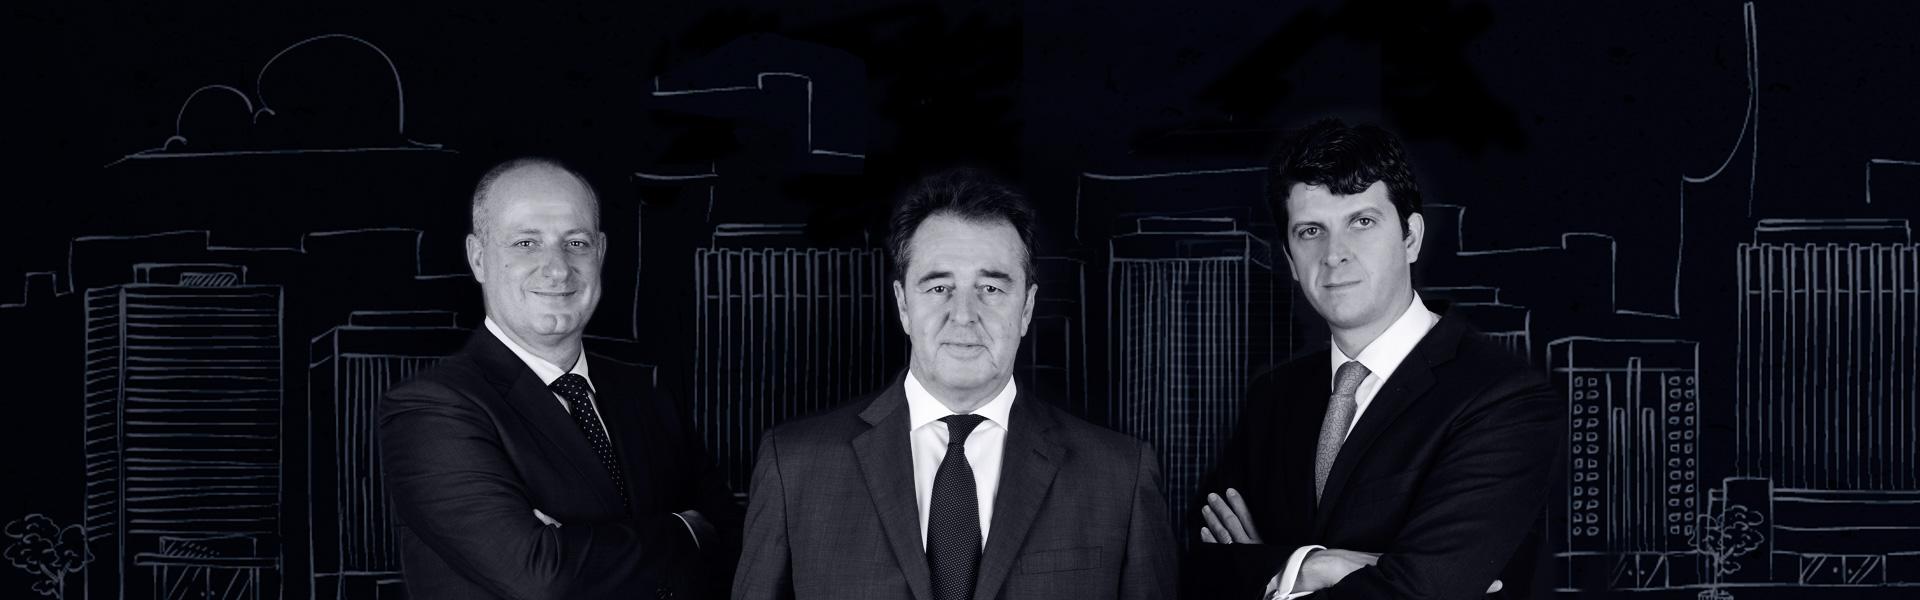 Roig, López & Comes abogados.